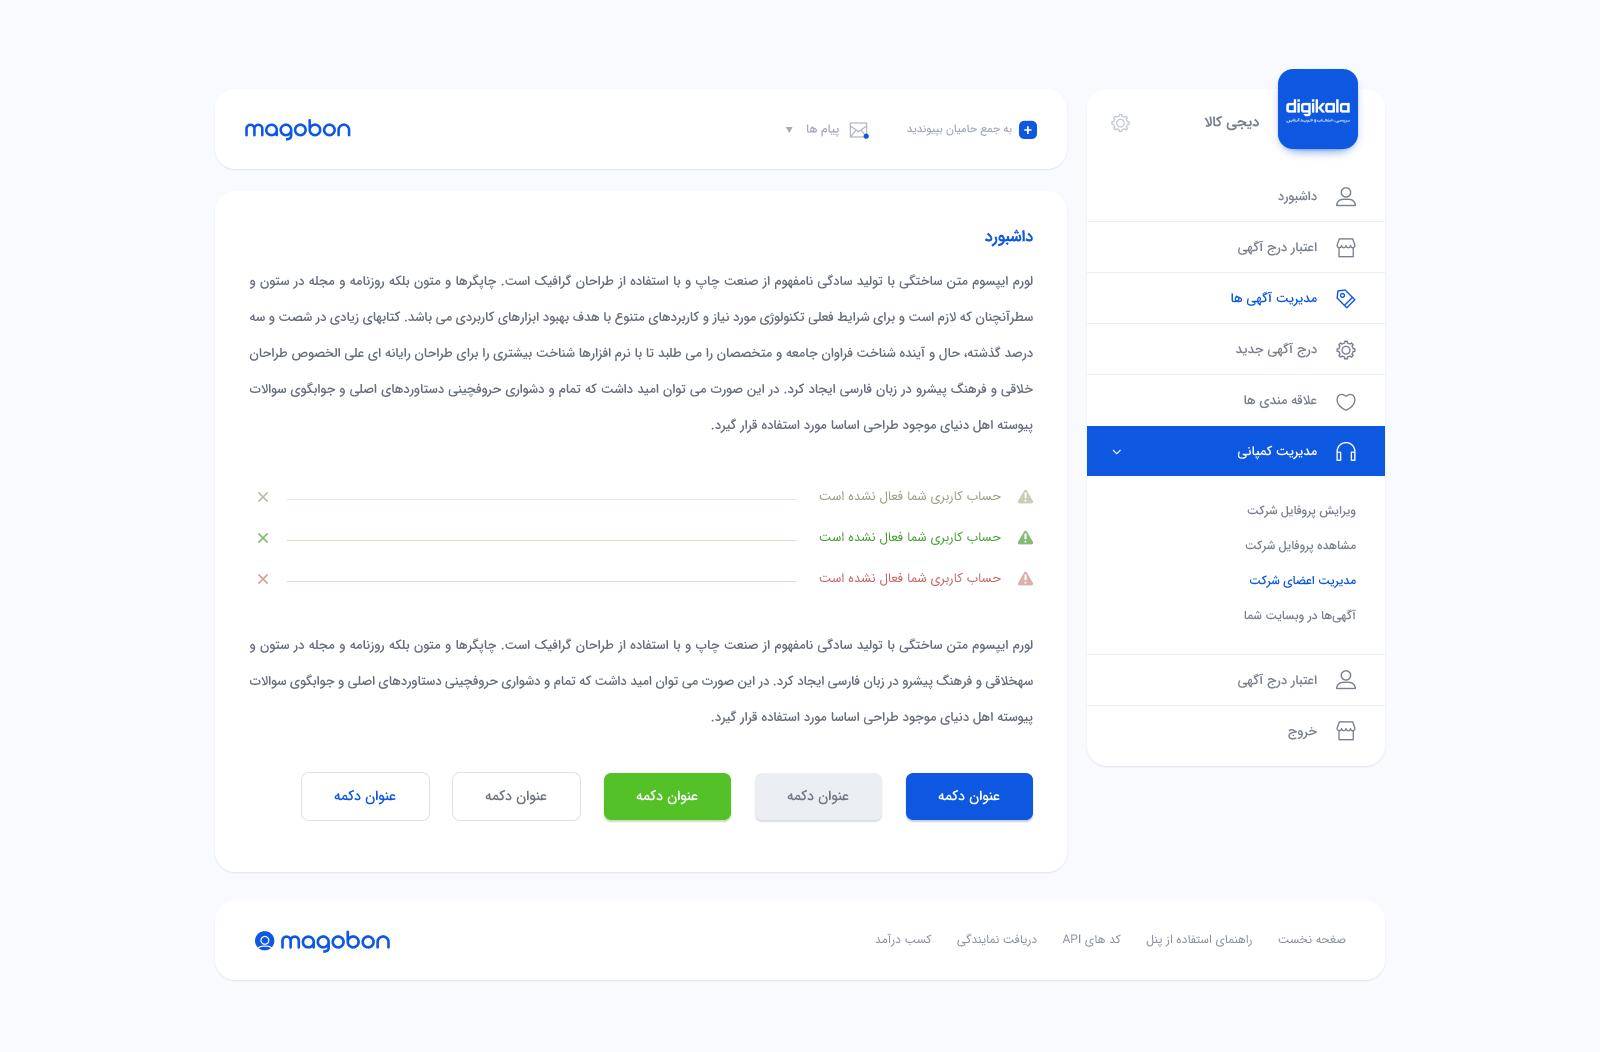 صفحه پنل کاربری